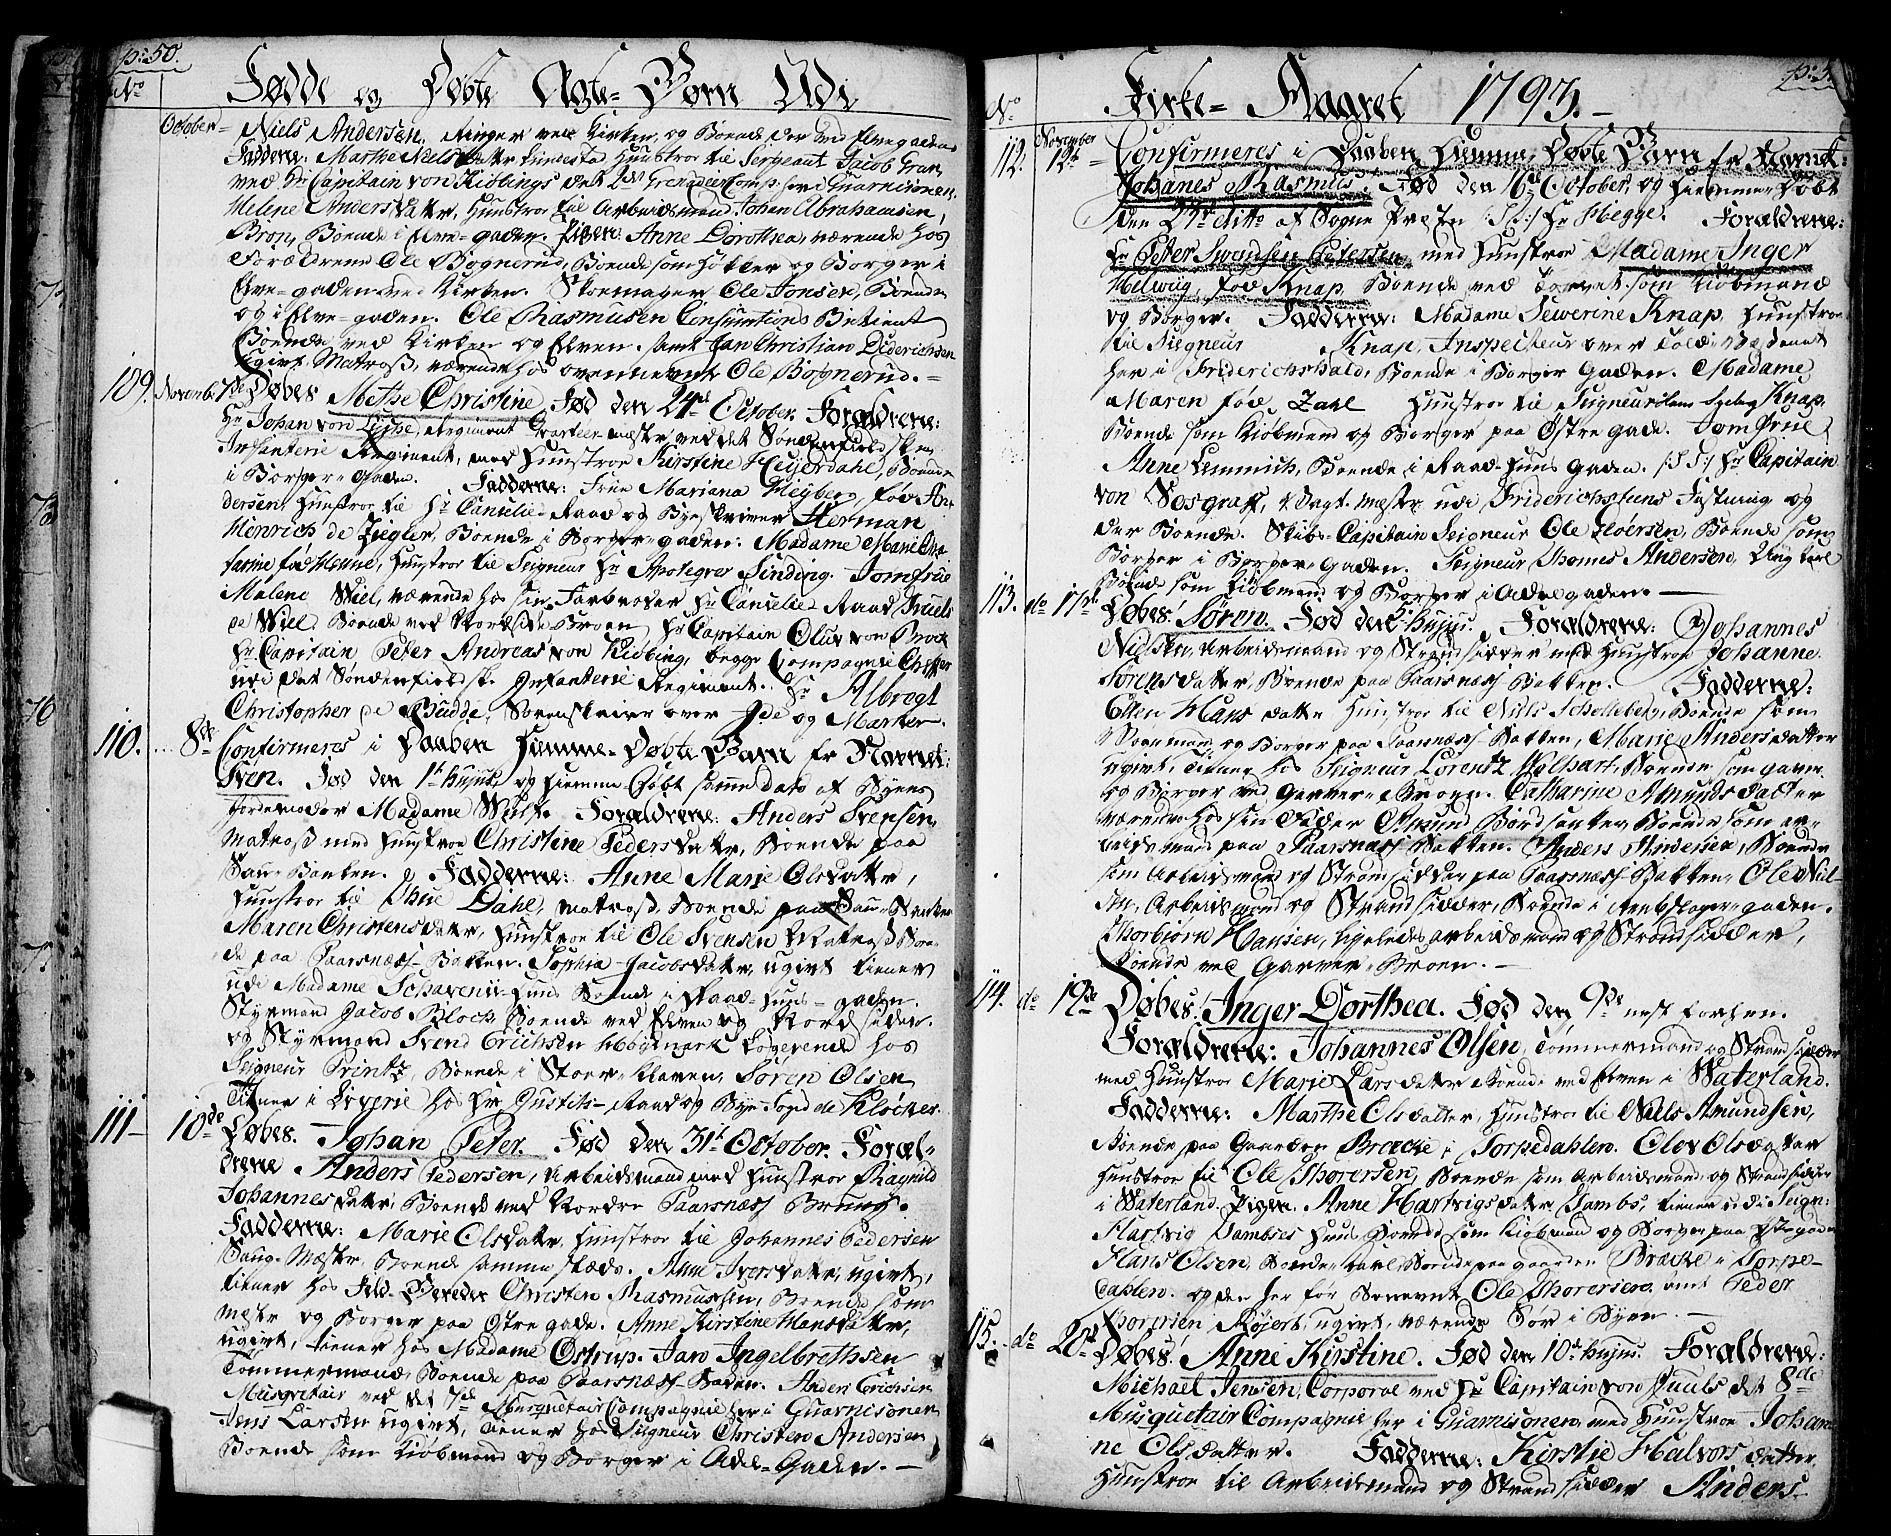 SAO, Halden prestekontor Kirkebøker, F/Fa/L0002: Ministerialbok nr. I 2, 1792-1812, s. 50-51